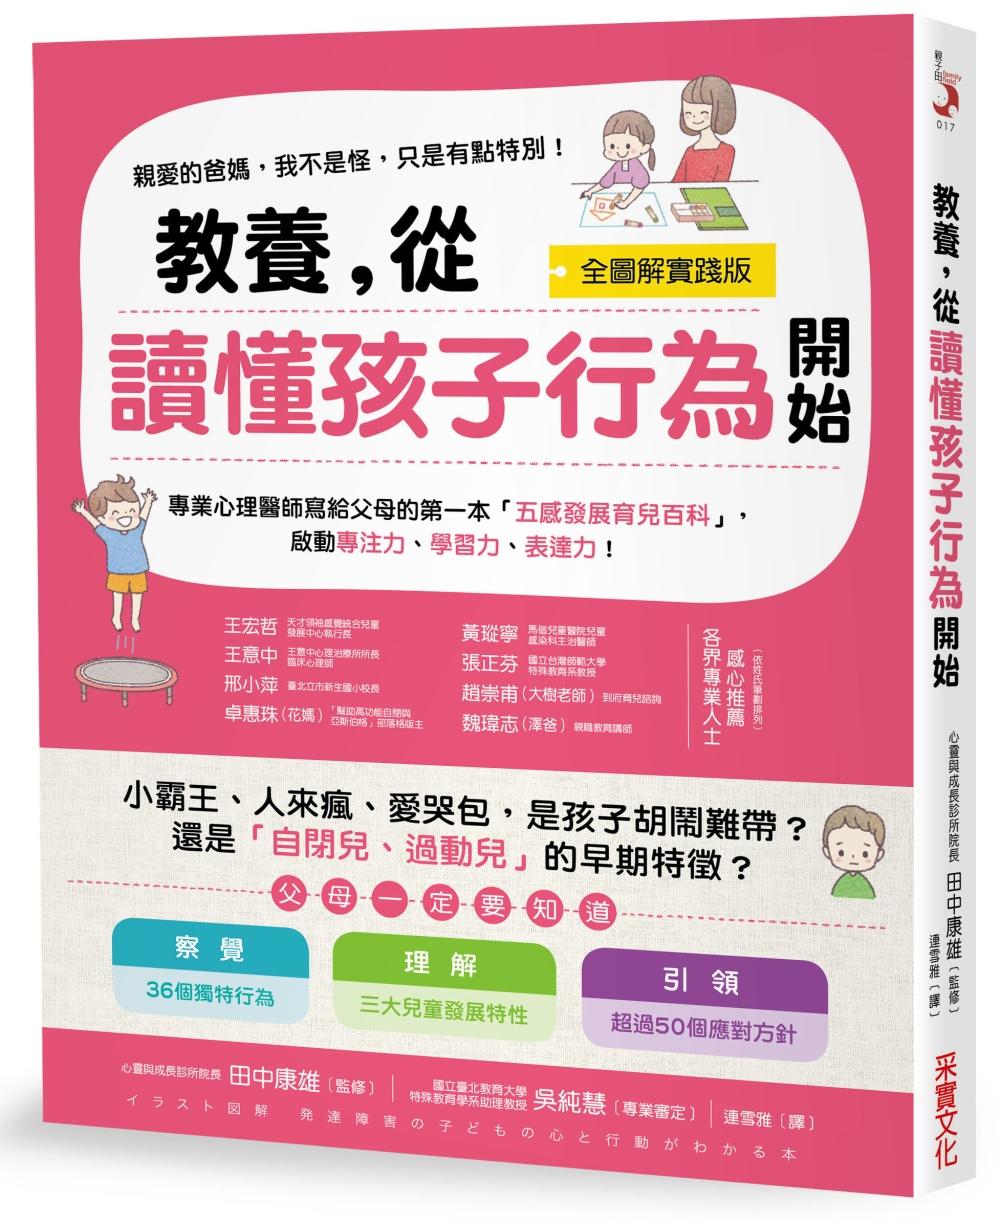 教養,從讀懂孩子行為開始【全圖解】:健忘、任性的孩子,其實是有煩惱的孩子!